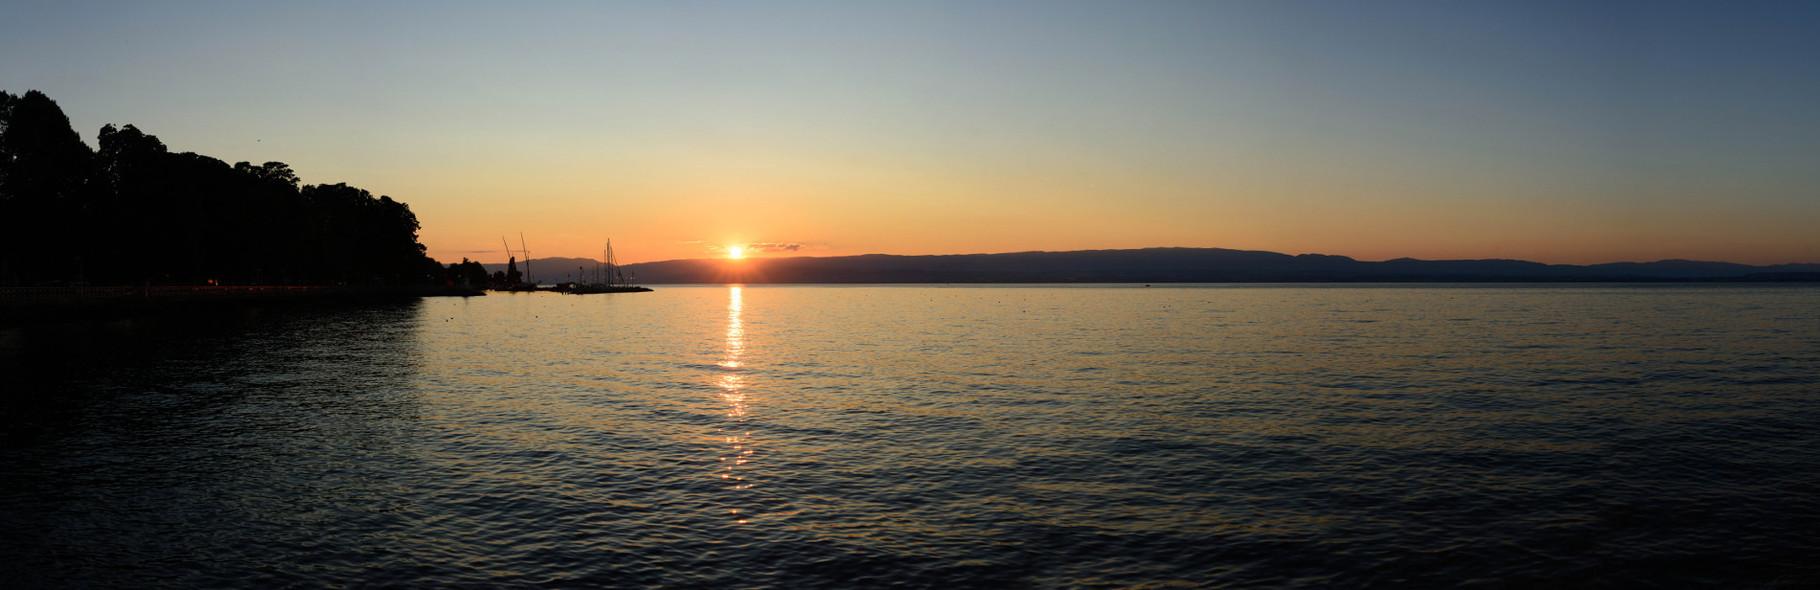 Couché de soleil sur le Lac Léman, Evian. 120°, 7 photographies.